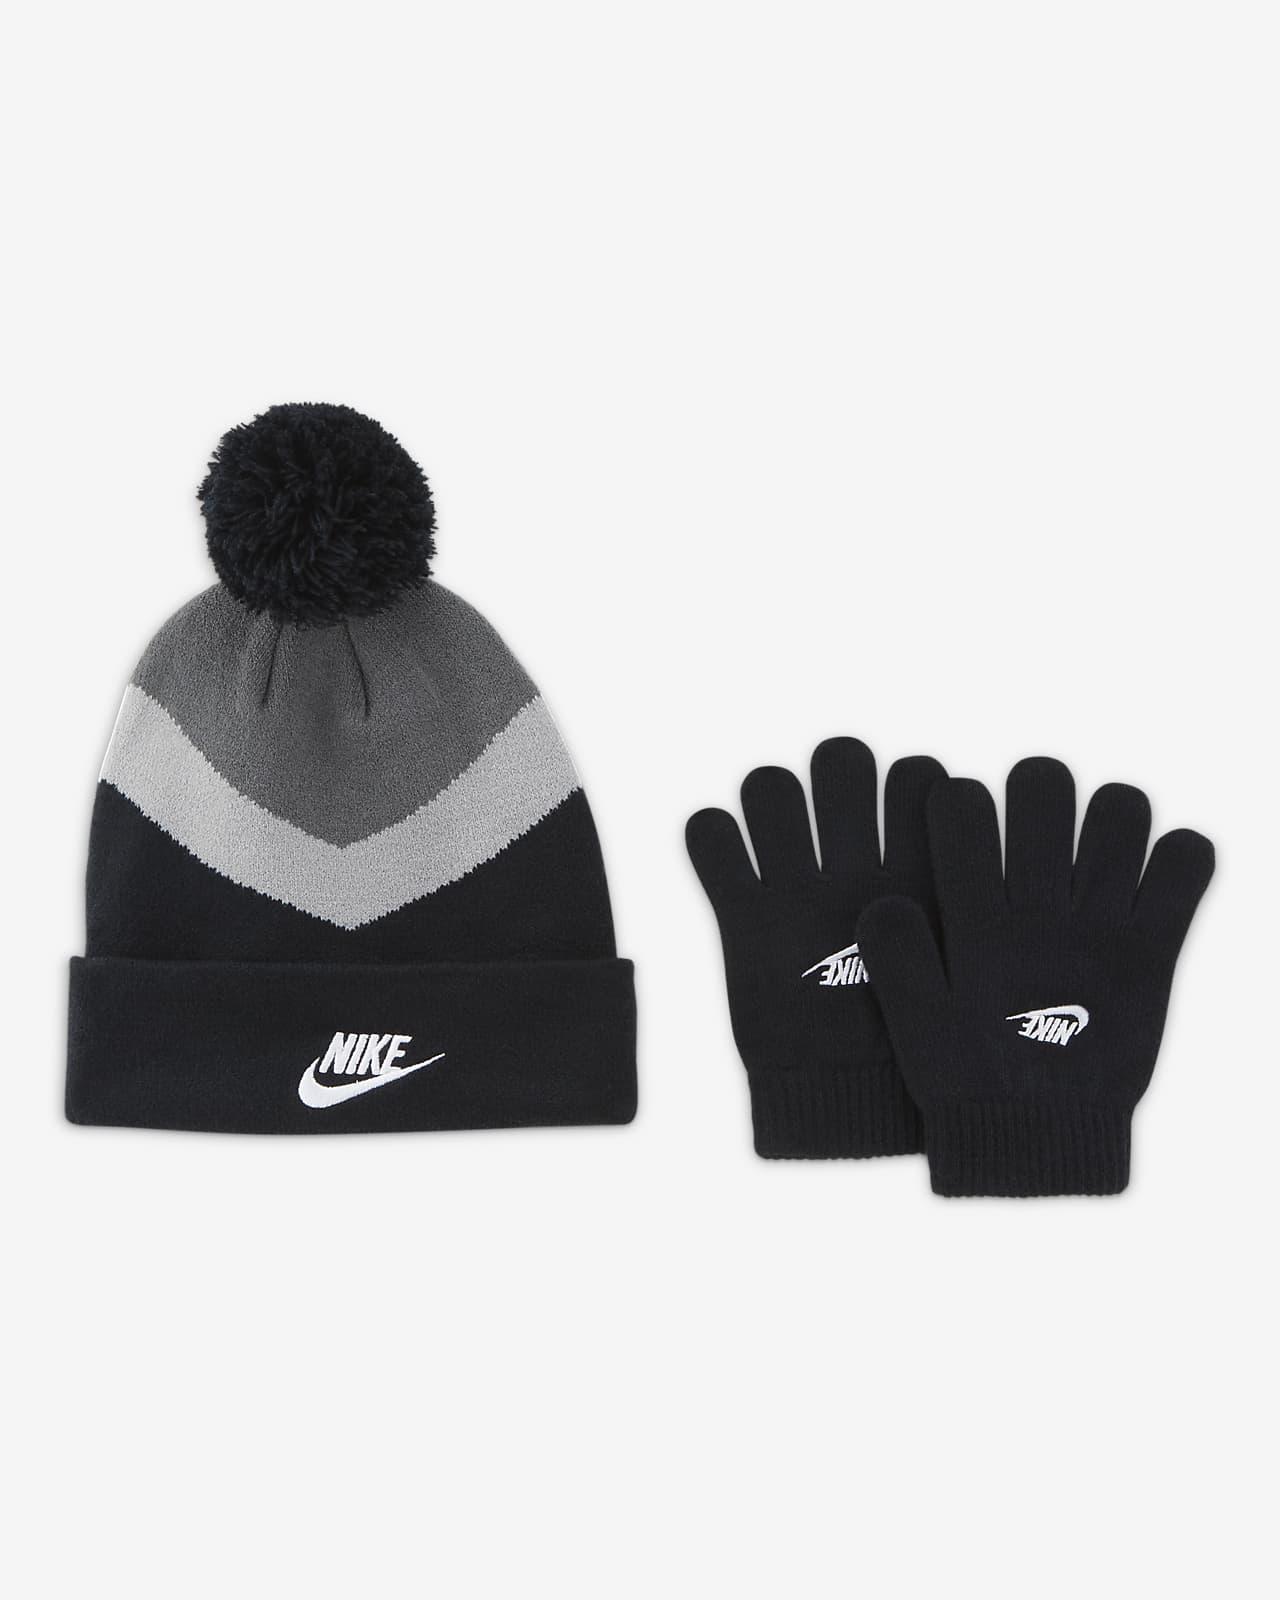 Nike Sportswear Big Kids' Beanie and Gloves Set